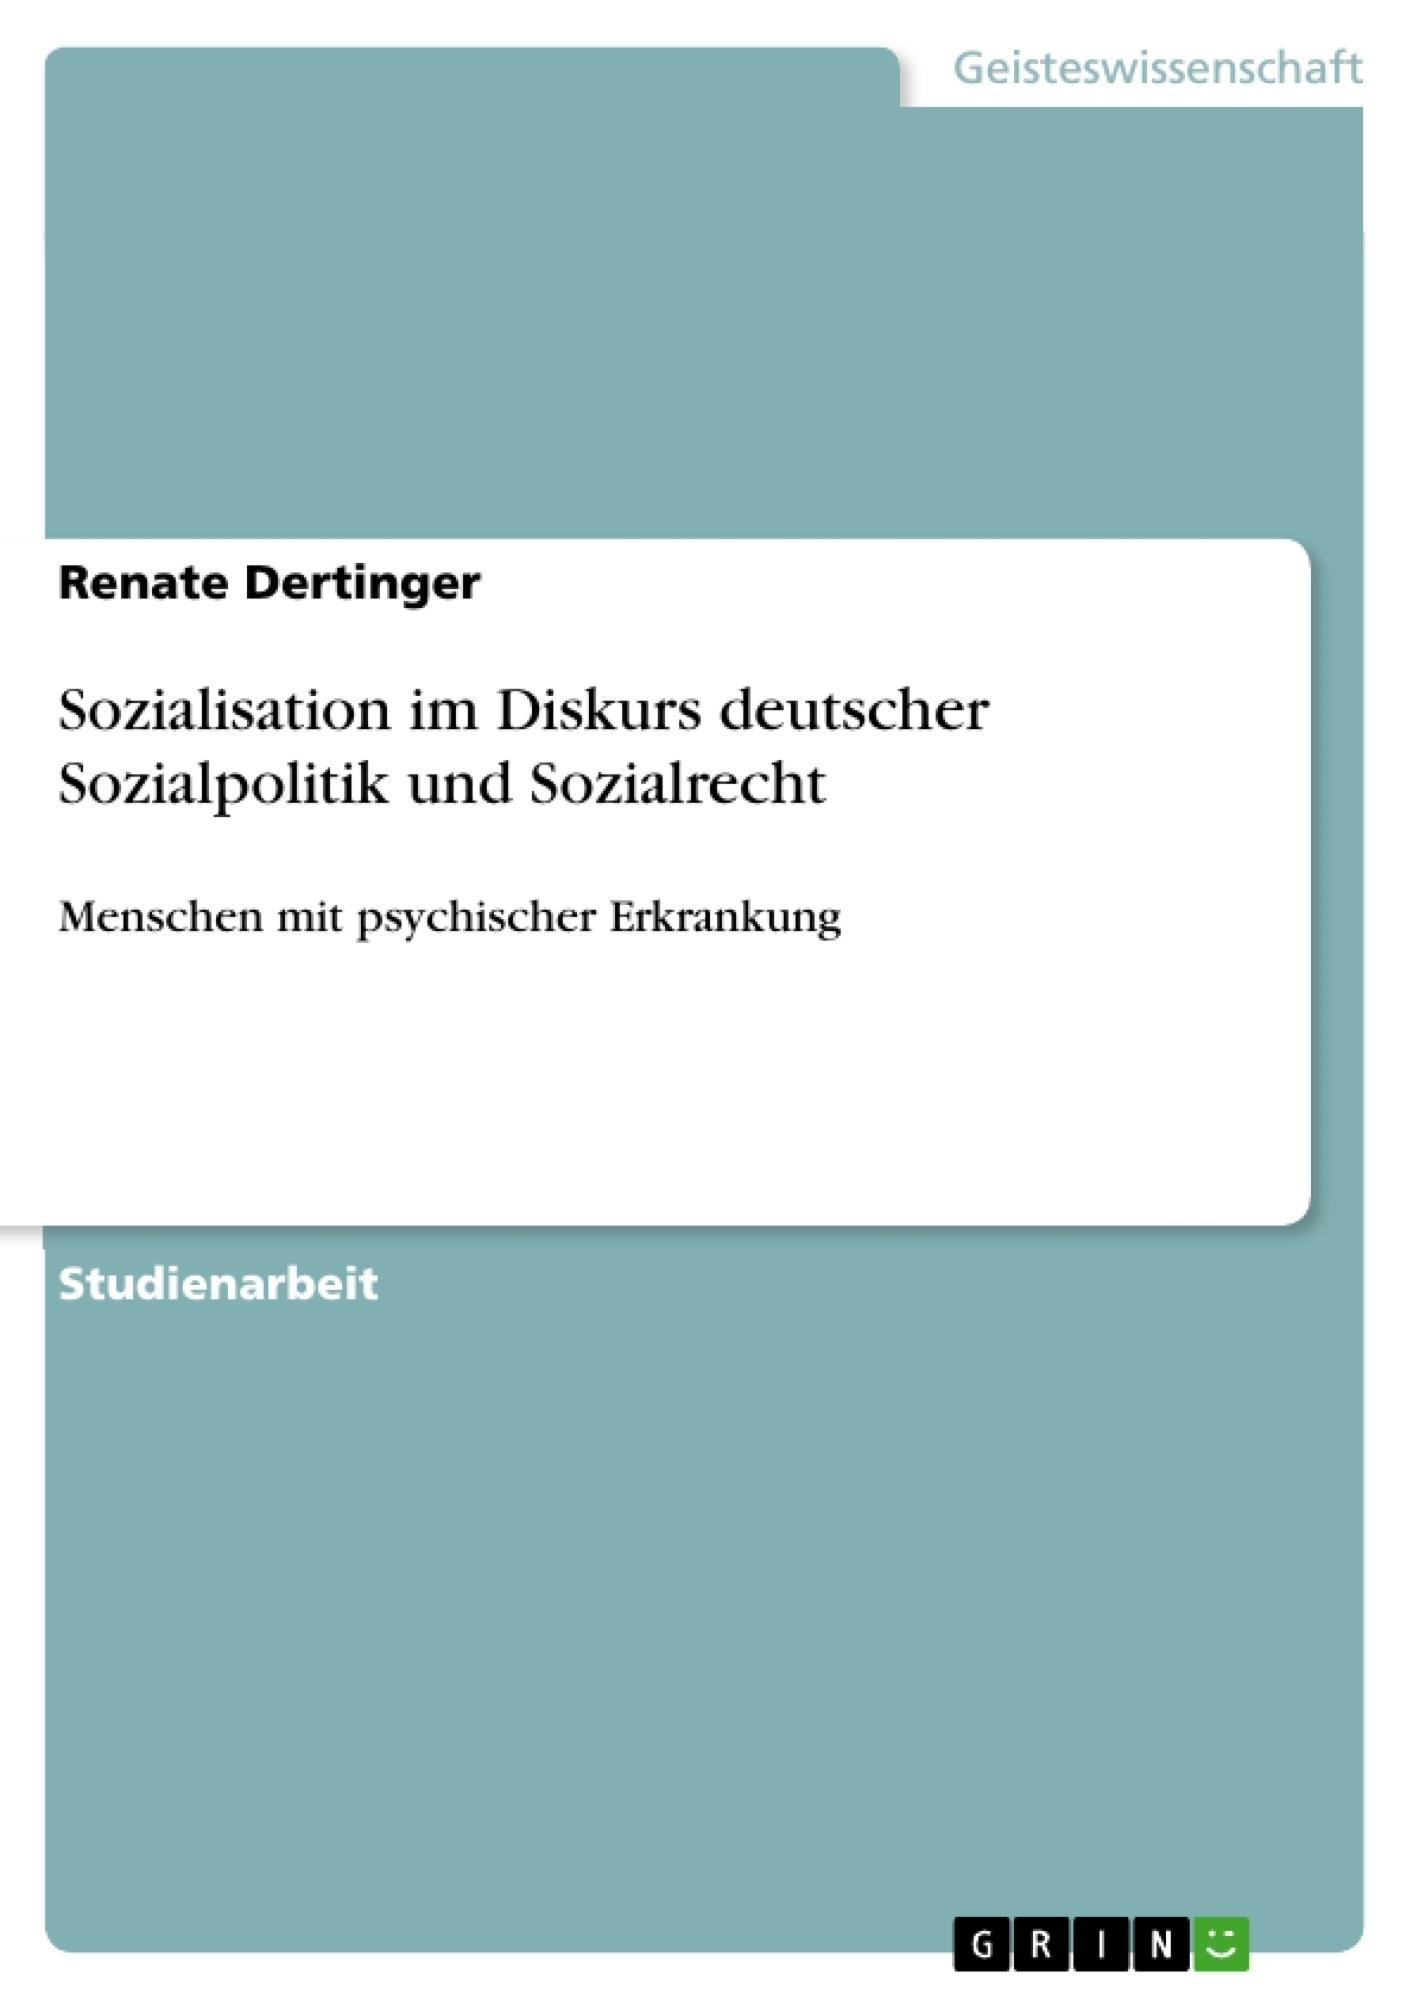 Titel: Sozialisation im Diskurs deutscher Sozialpolitik und Sozialrecht